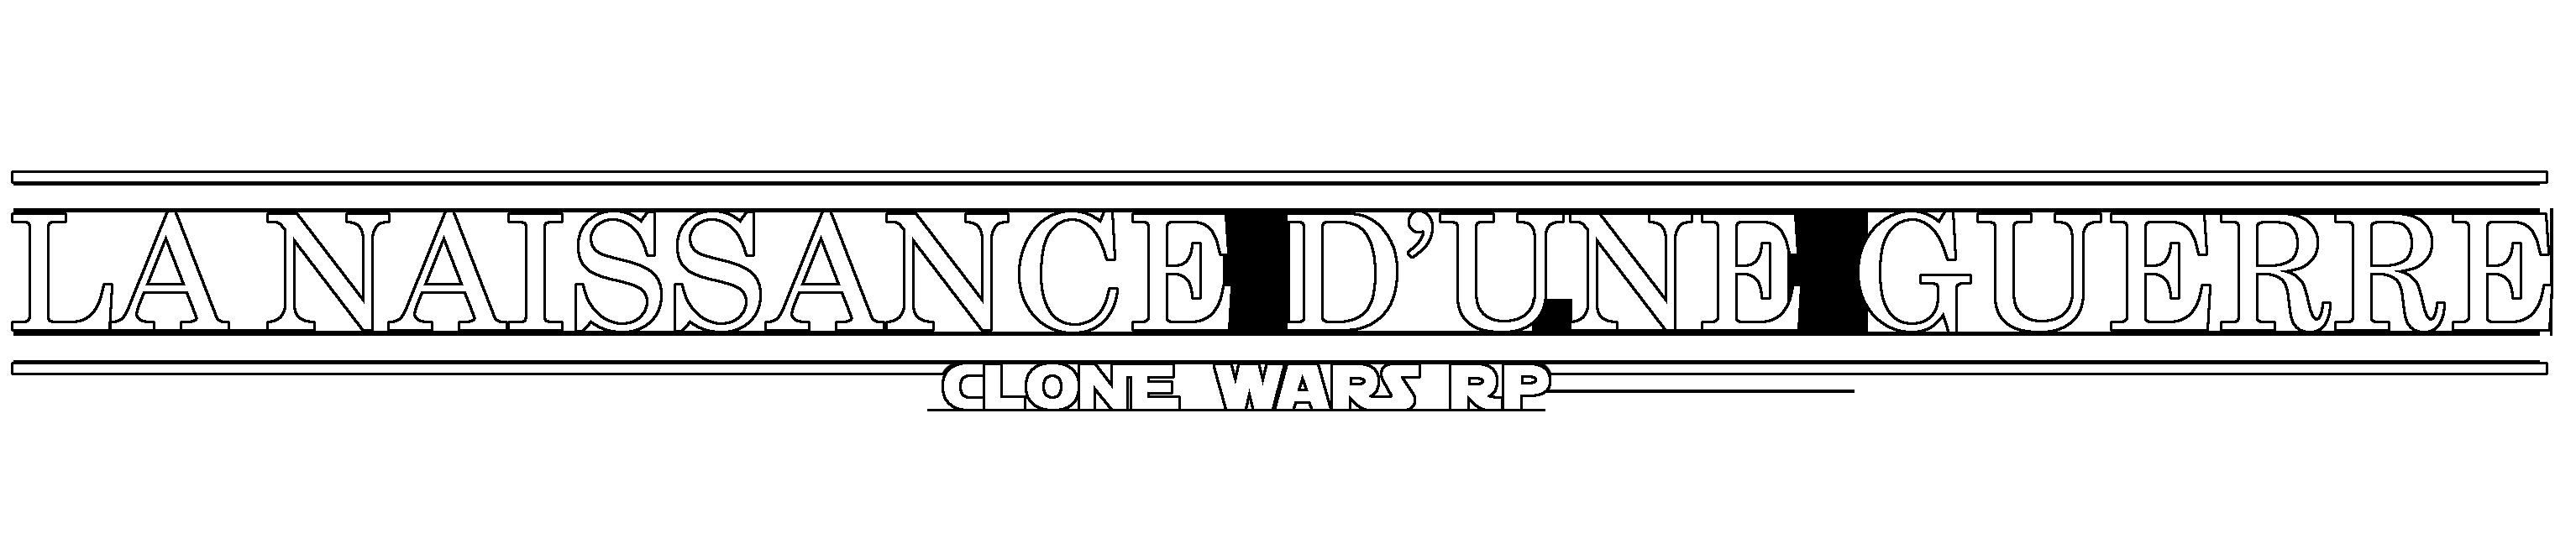 5d6d2f6550807-La Naissance d'une Guerre Logo.png